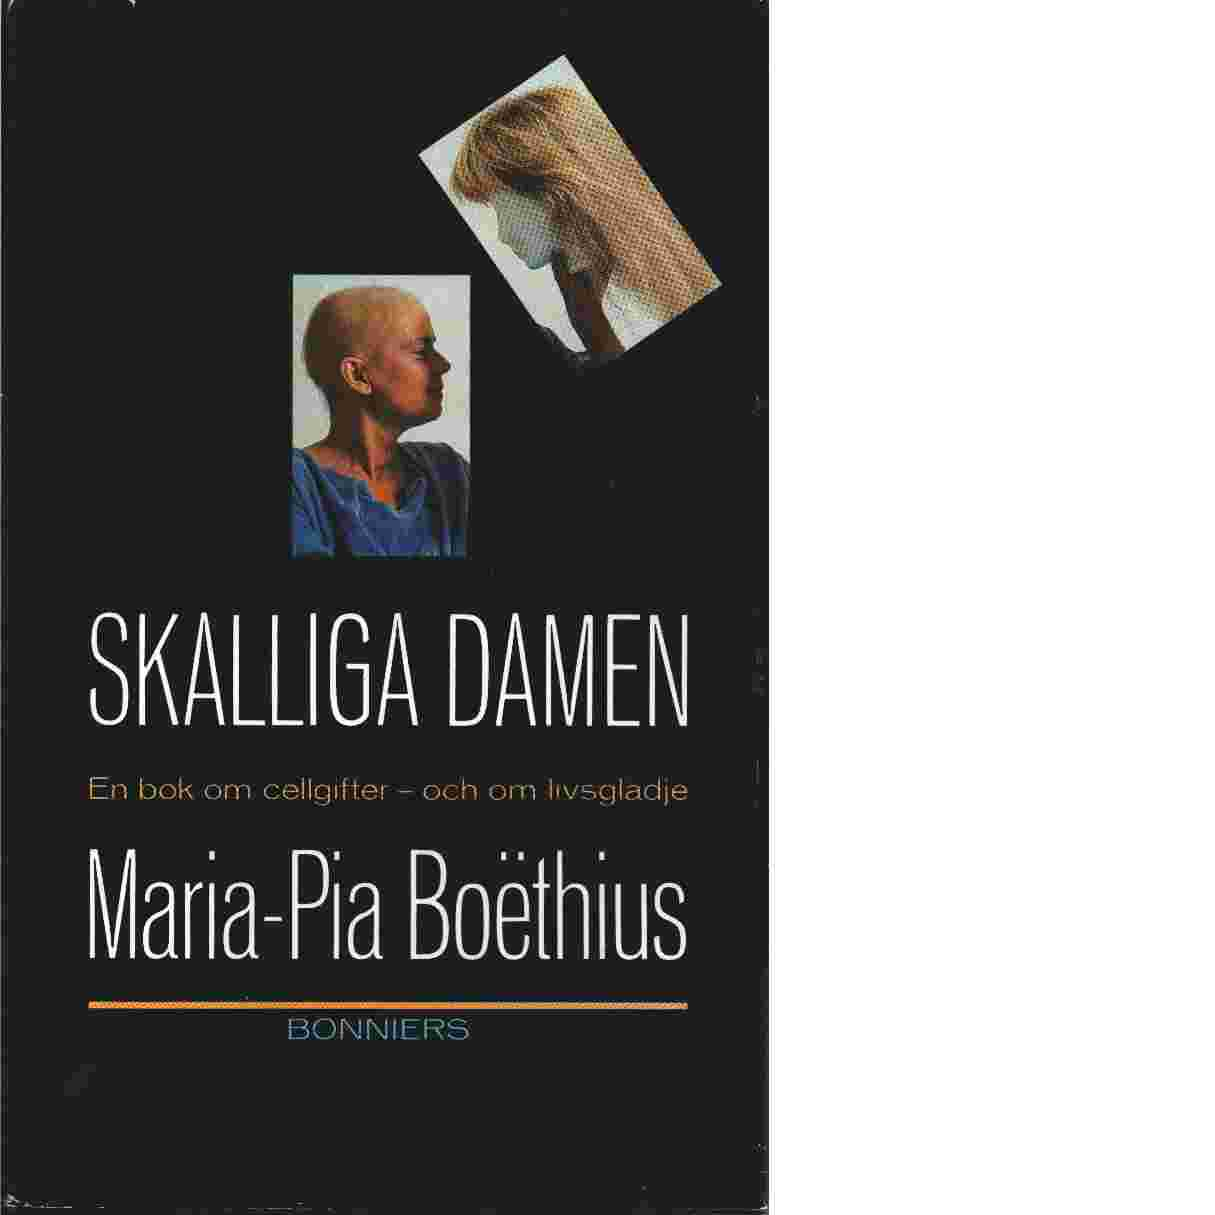 Skalliga damen : en bok om cellgifter - och om livsglädje - Boëthius, Maria-Pia